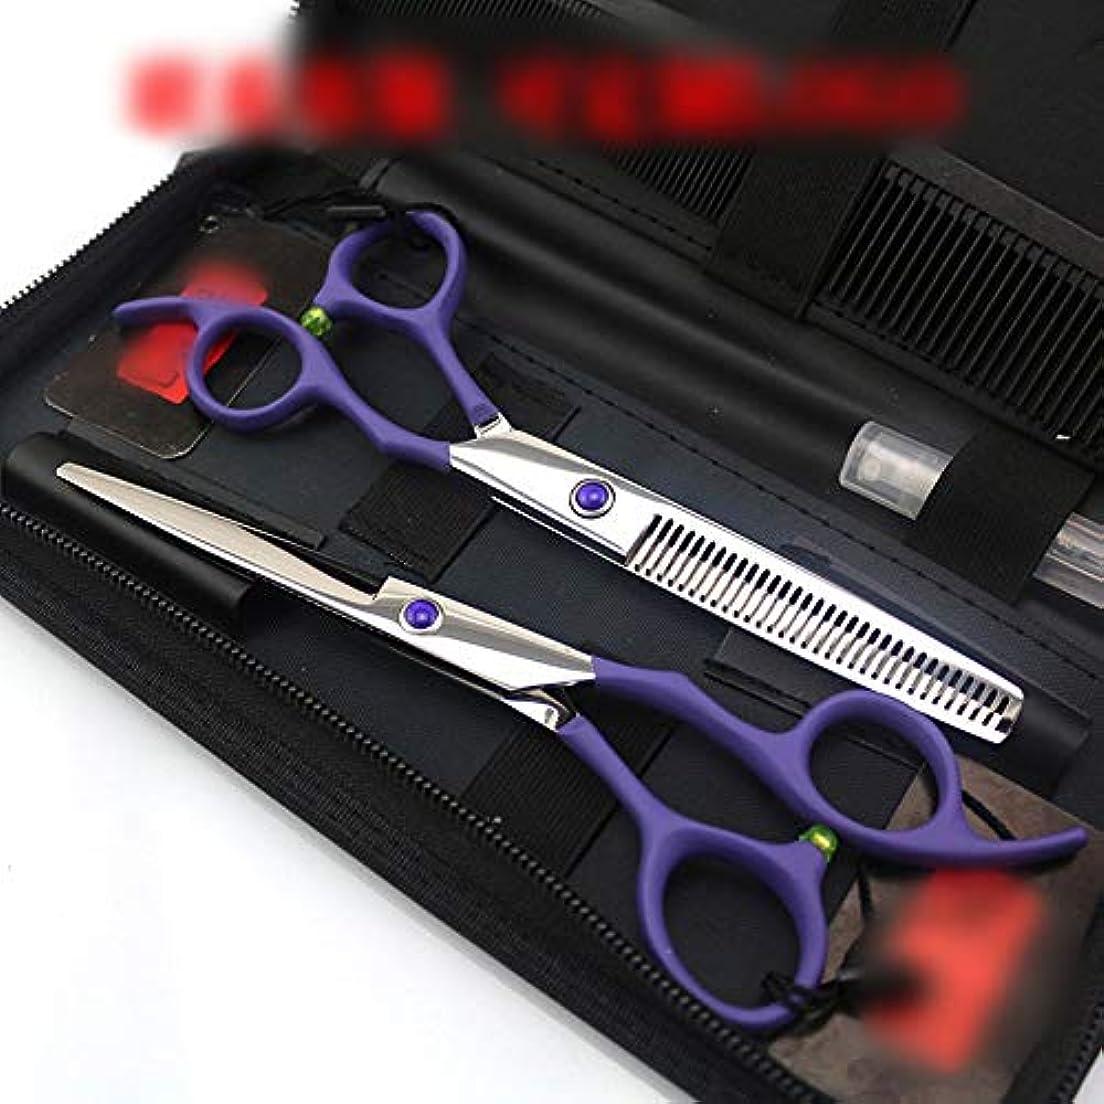 未就学主張する作成者6.0インチの紫色の専門の理髪はさみ、平はさみ+歯のせん断の美容院はさみ理髪道具セット ヘアケア (色 : 紫の)